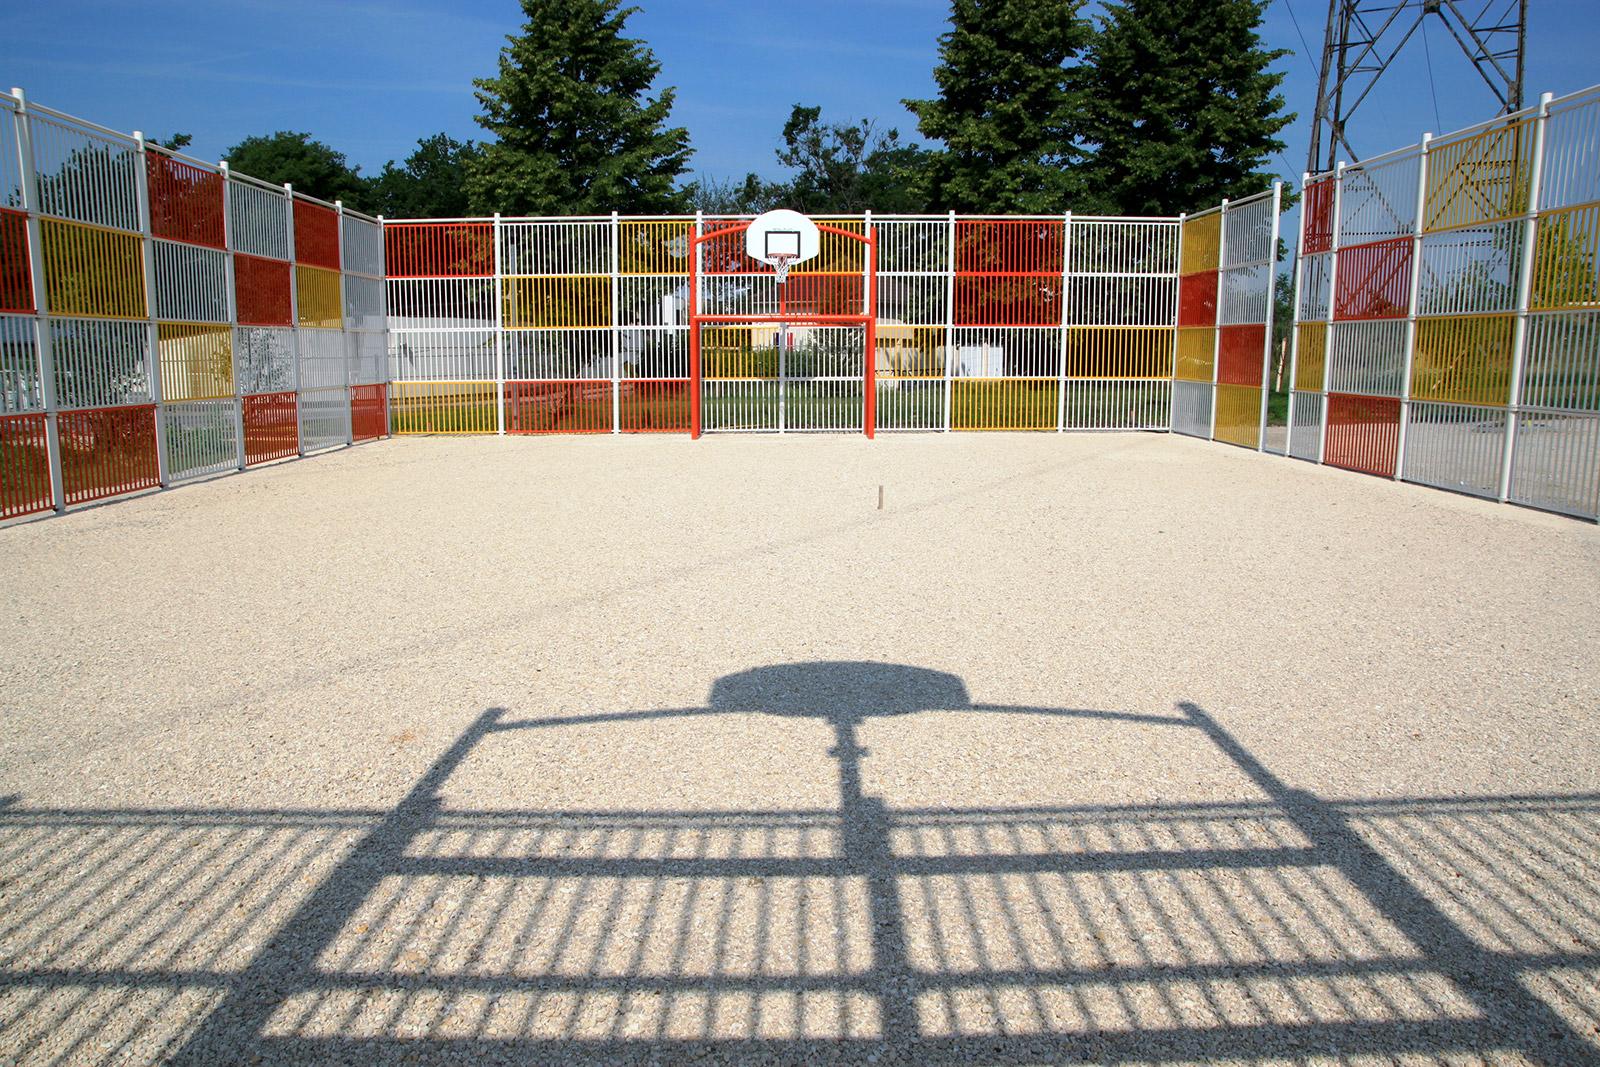 La-Verriere-78---Realisation-de-2-terrains-multisports-barreaude-sur-4-m-de-haut--